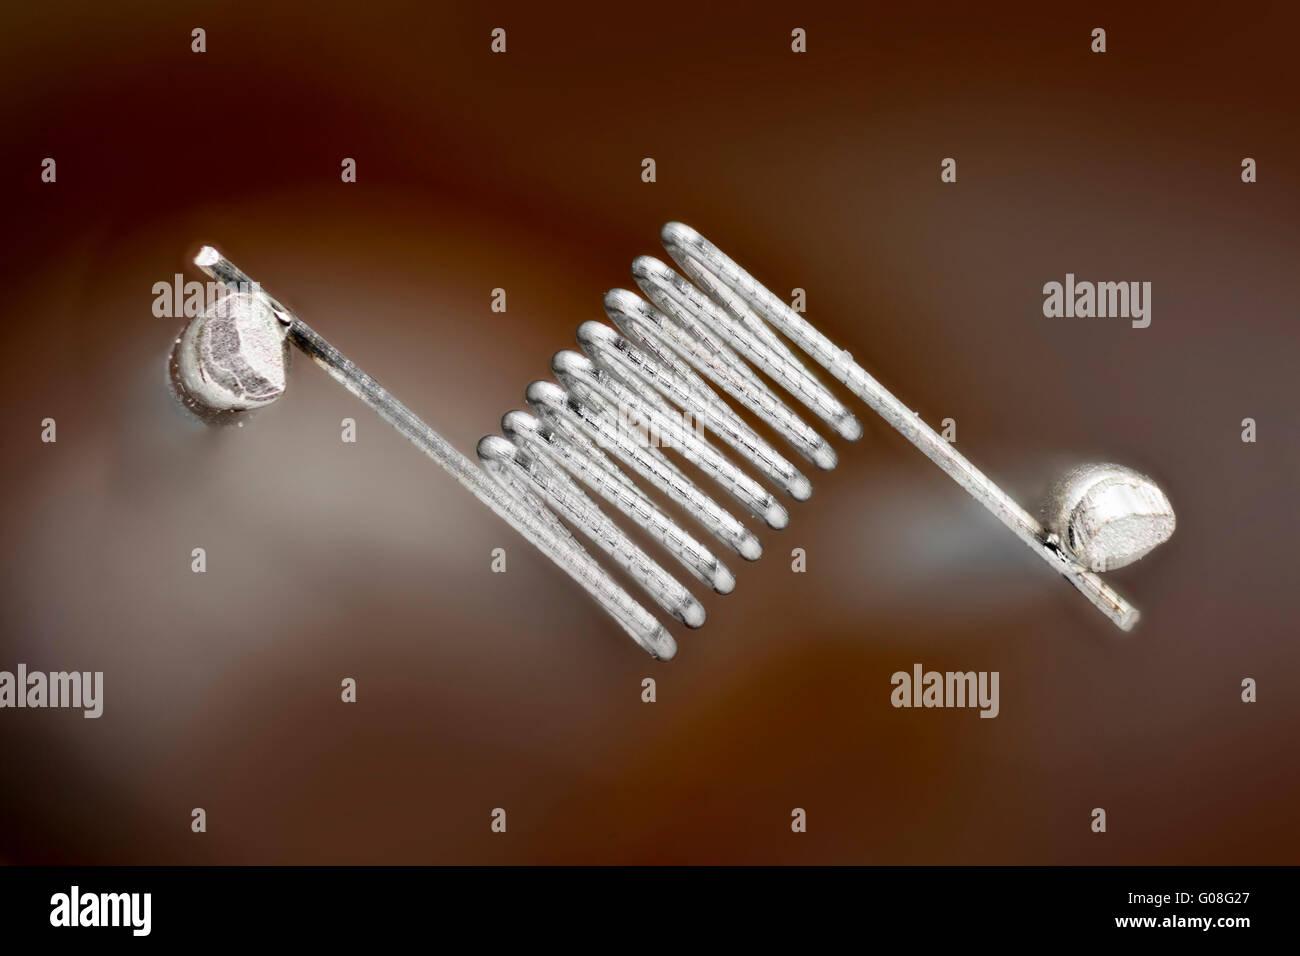 Di tungsteno del filamento della lampadina di un microscopio